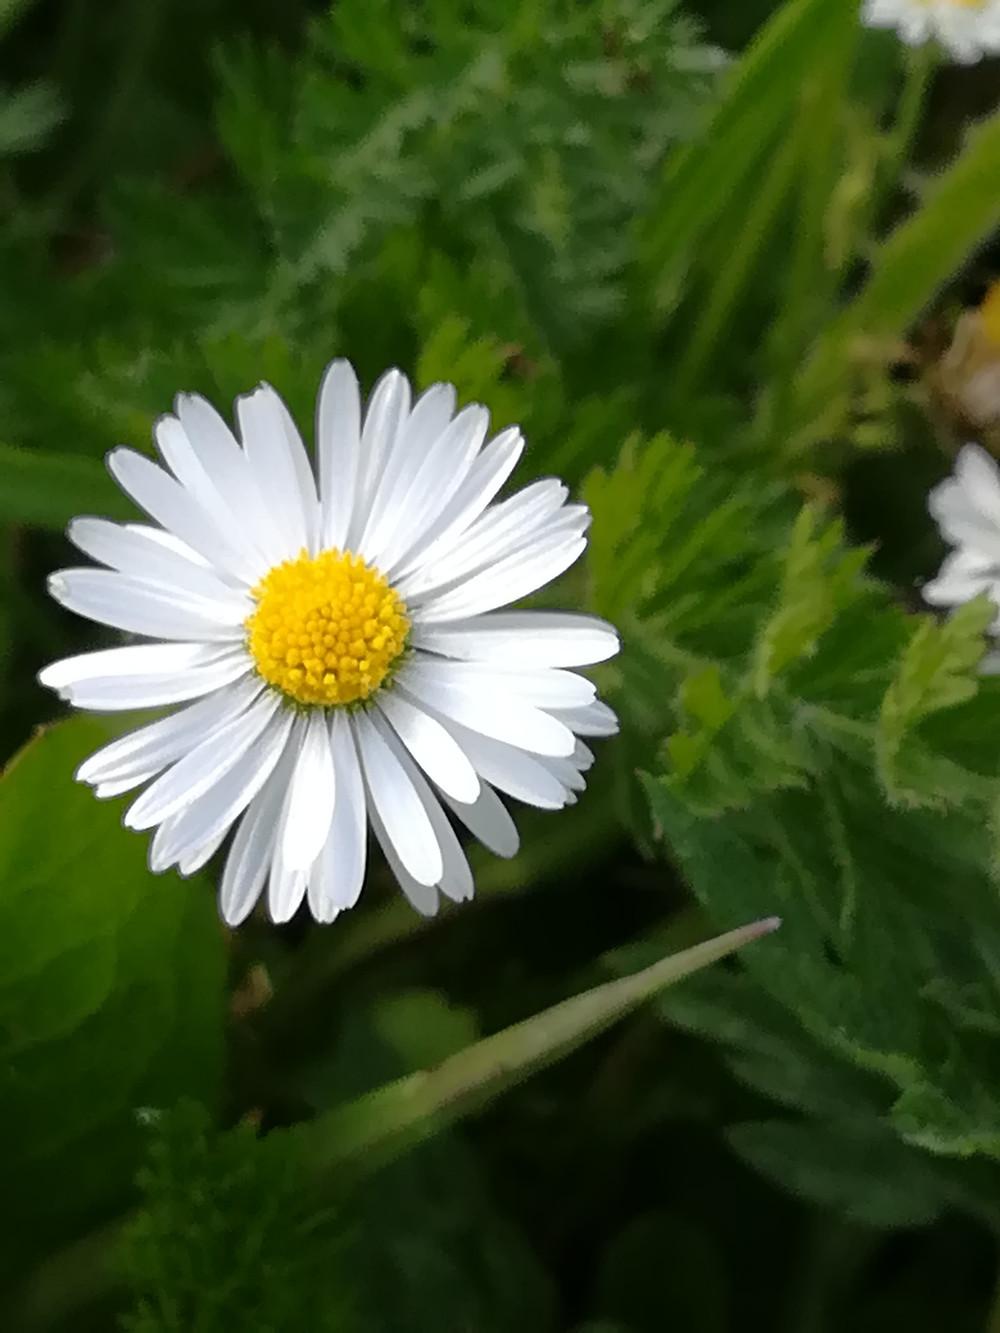 Pour fêter le printemps, les fleurs et nos mamans, il fallait bien un cadeau exceptionnel ! Une relaxation douce des pieds pour marcher en légèreté sur l'herbe verte et fraiche que la Nature nous offre pour nous régénérer ! Un massage délicat pour lui dire que vous l'aimez un peu, beaucoup, à la folie.... 30 minutes de détente entre friction et lissage doux accompagnée d'un infusion indienne pour prolonger cette relaxation... 30 euros pour 45 minutes de bonheur !